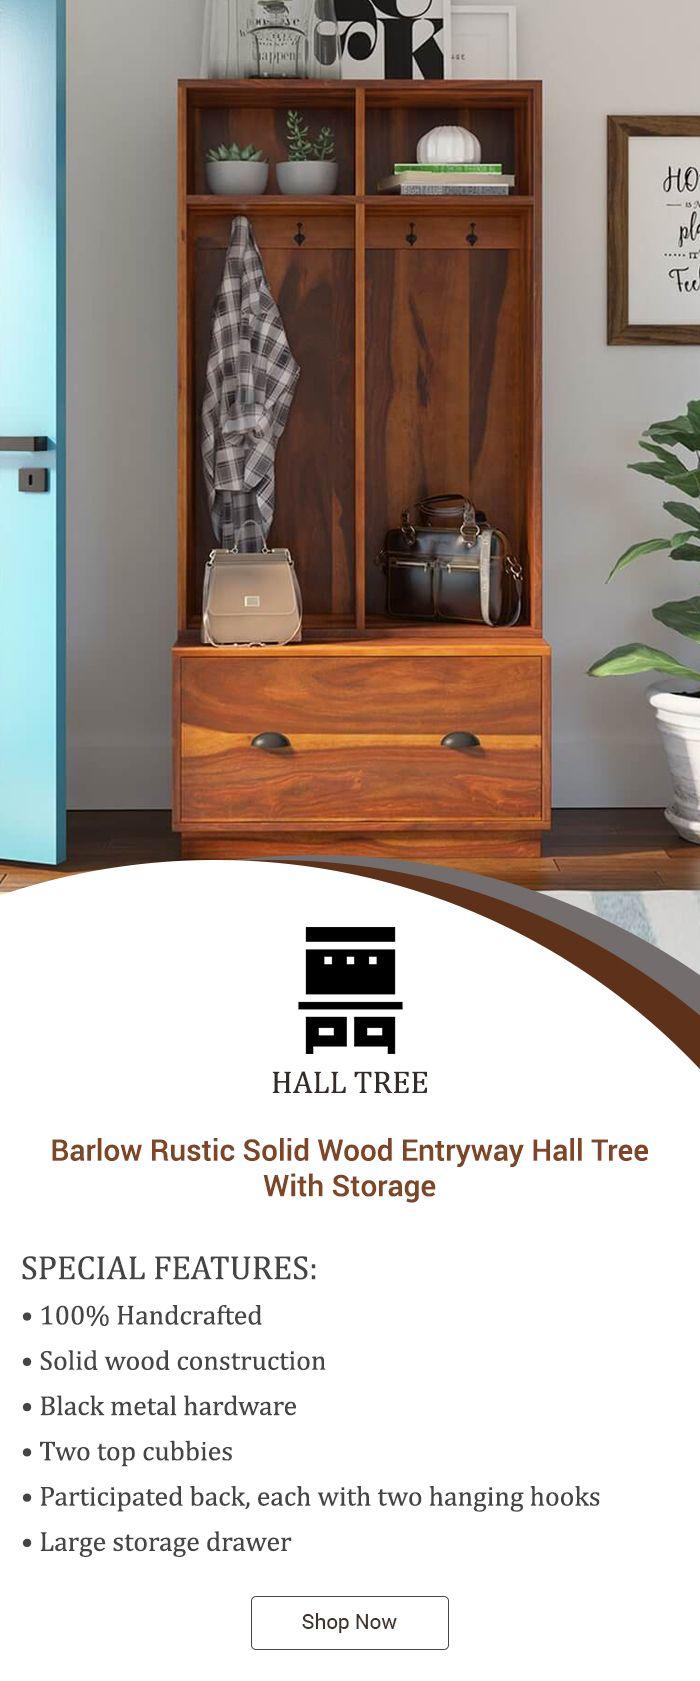 Barlow Rustic Solid Wood Entryway Hall Tree With Storage Hall Tree With Storage Entryway Hall Tree Hall Tree